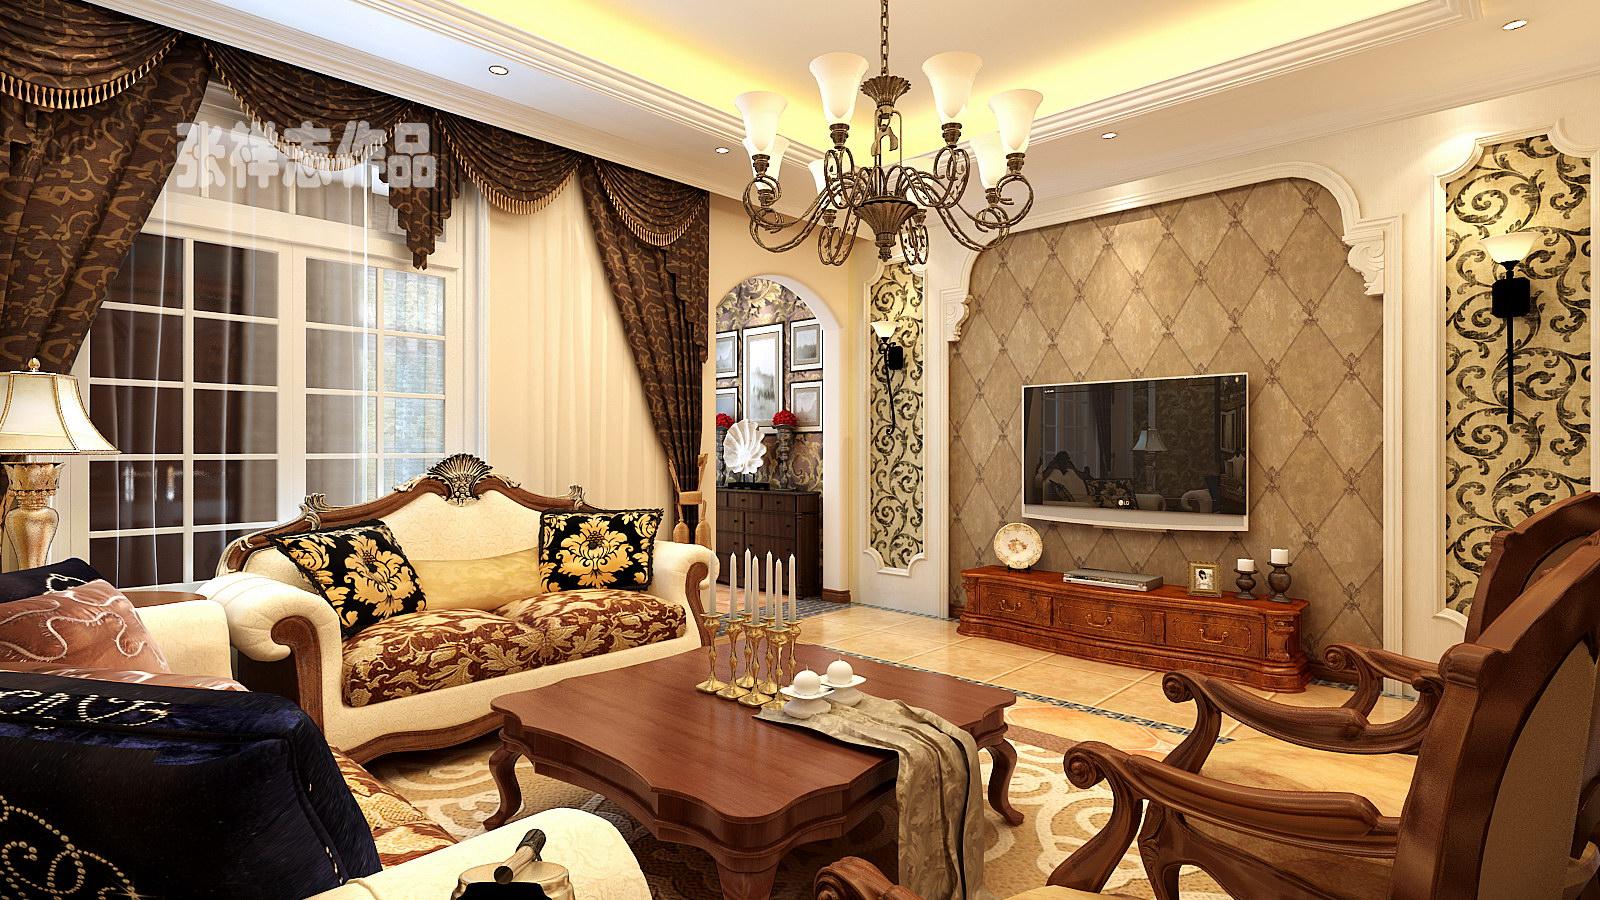 别墅 美式 客厅图片来自快乐彩在德郡中间户大宅别墅美式装修风格的分享